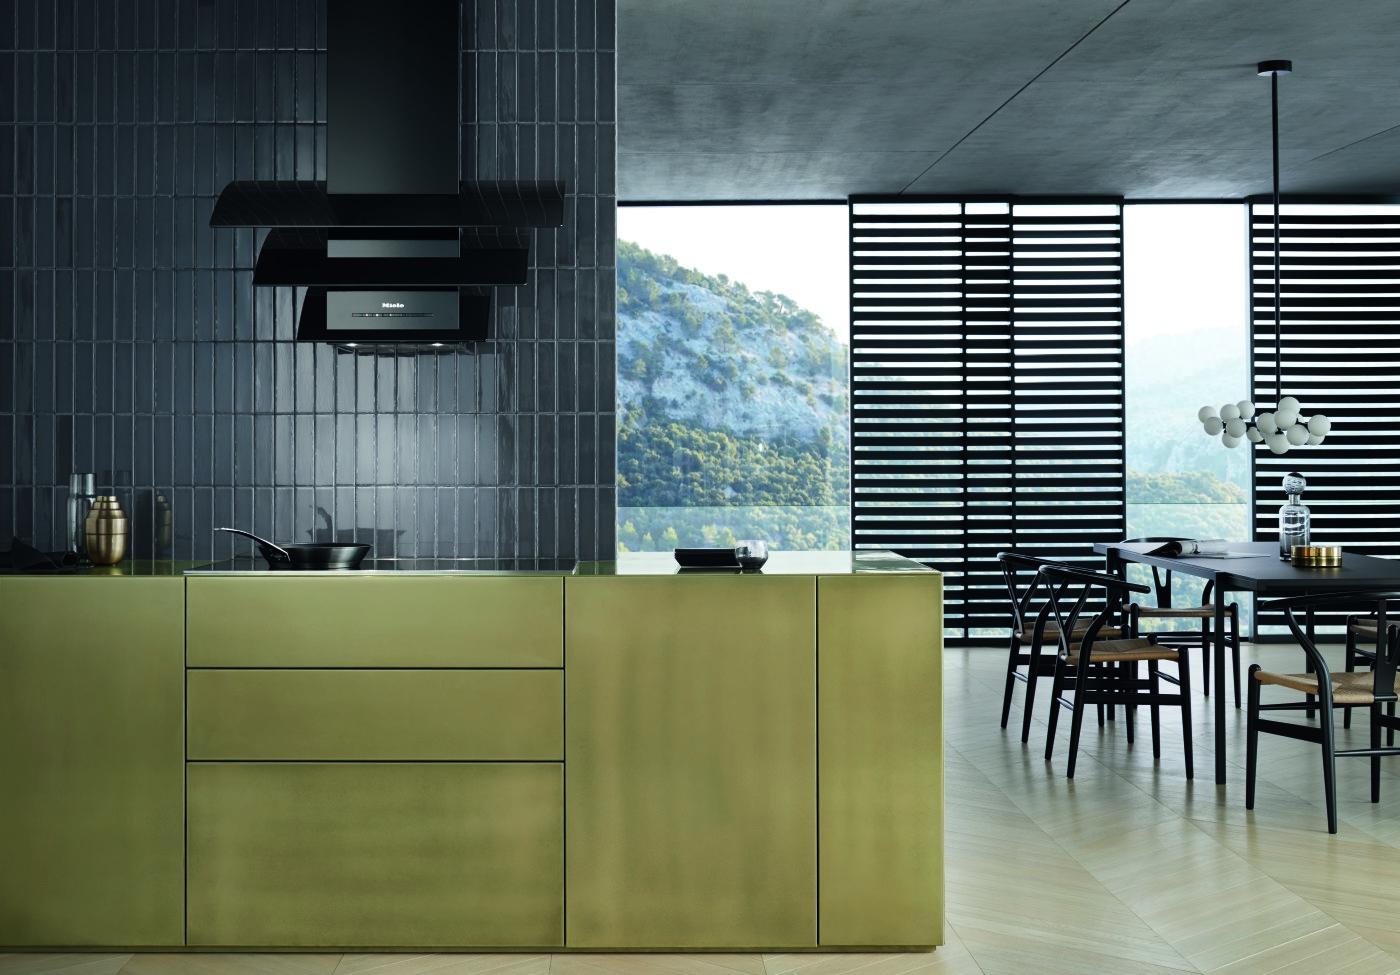 Вытяжка DA 7198 W Triple Black/Triple Grey в летящем стеклянном корпусе, представленная на фото, производит неизгладимое впечатление на кухне. (Фото: Miele)